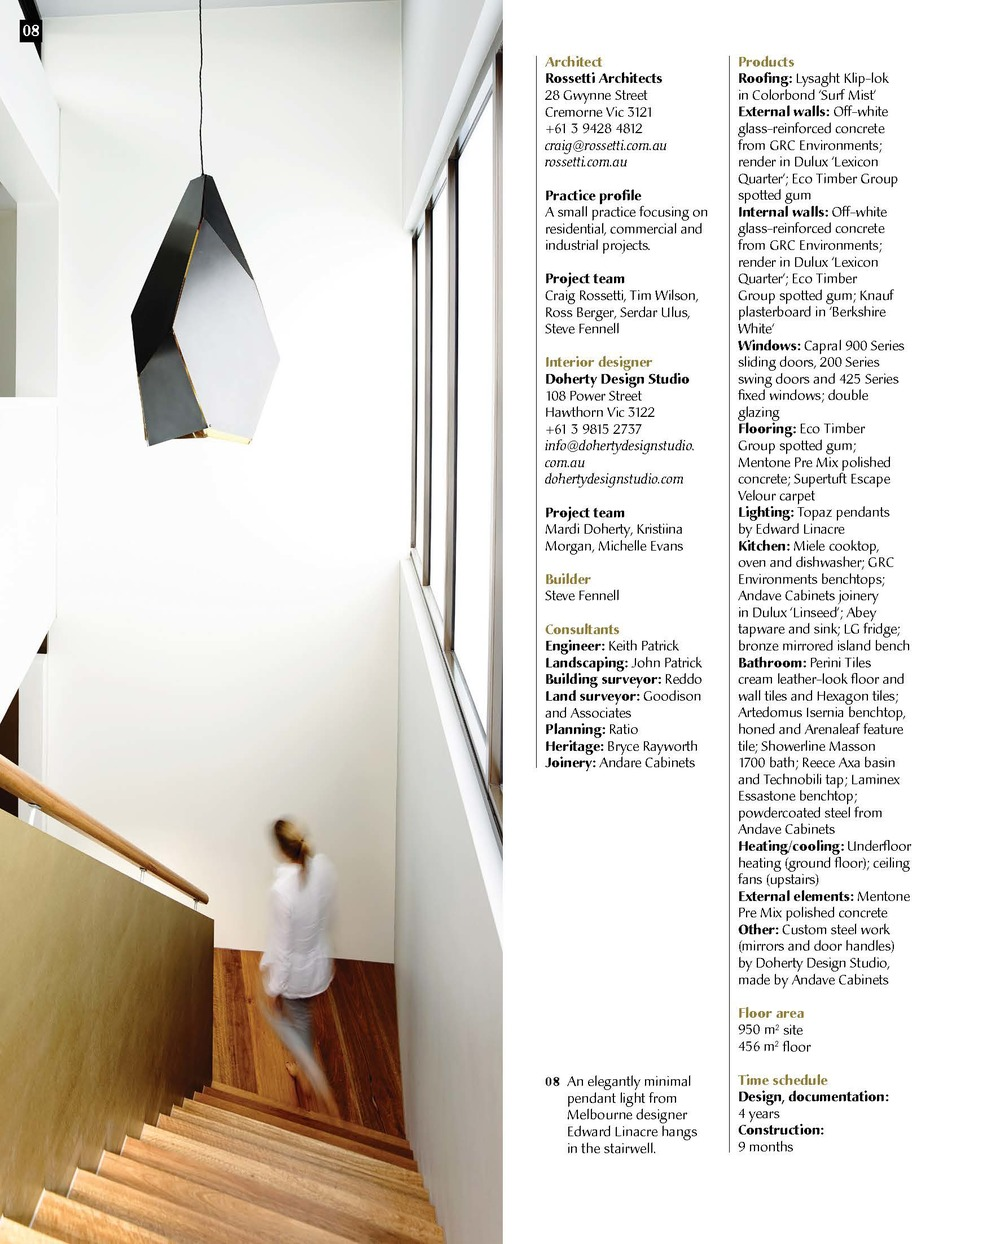 46---Houses_Topaz2.jpg